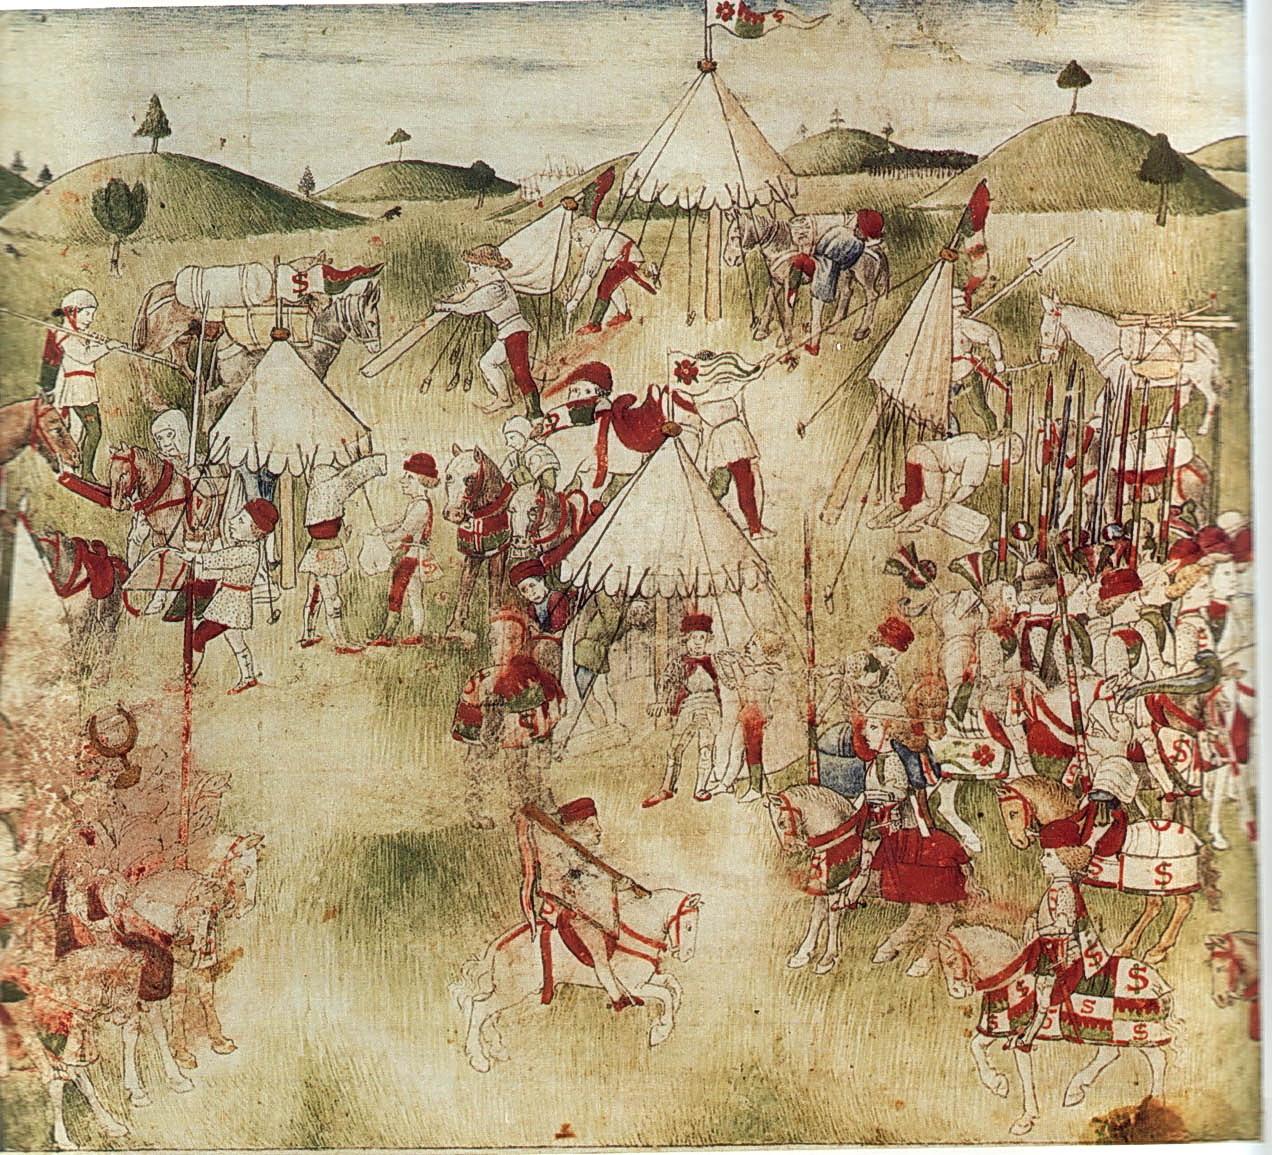 Секс в картинах средневековья 18 фотография